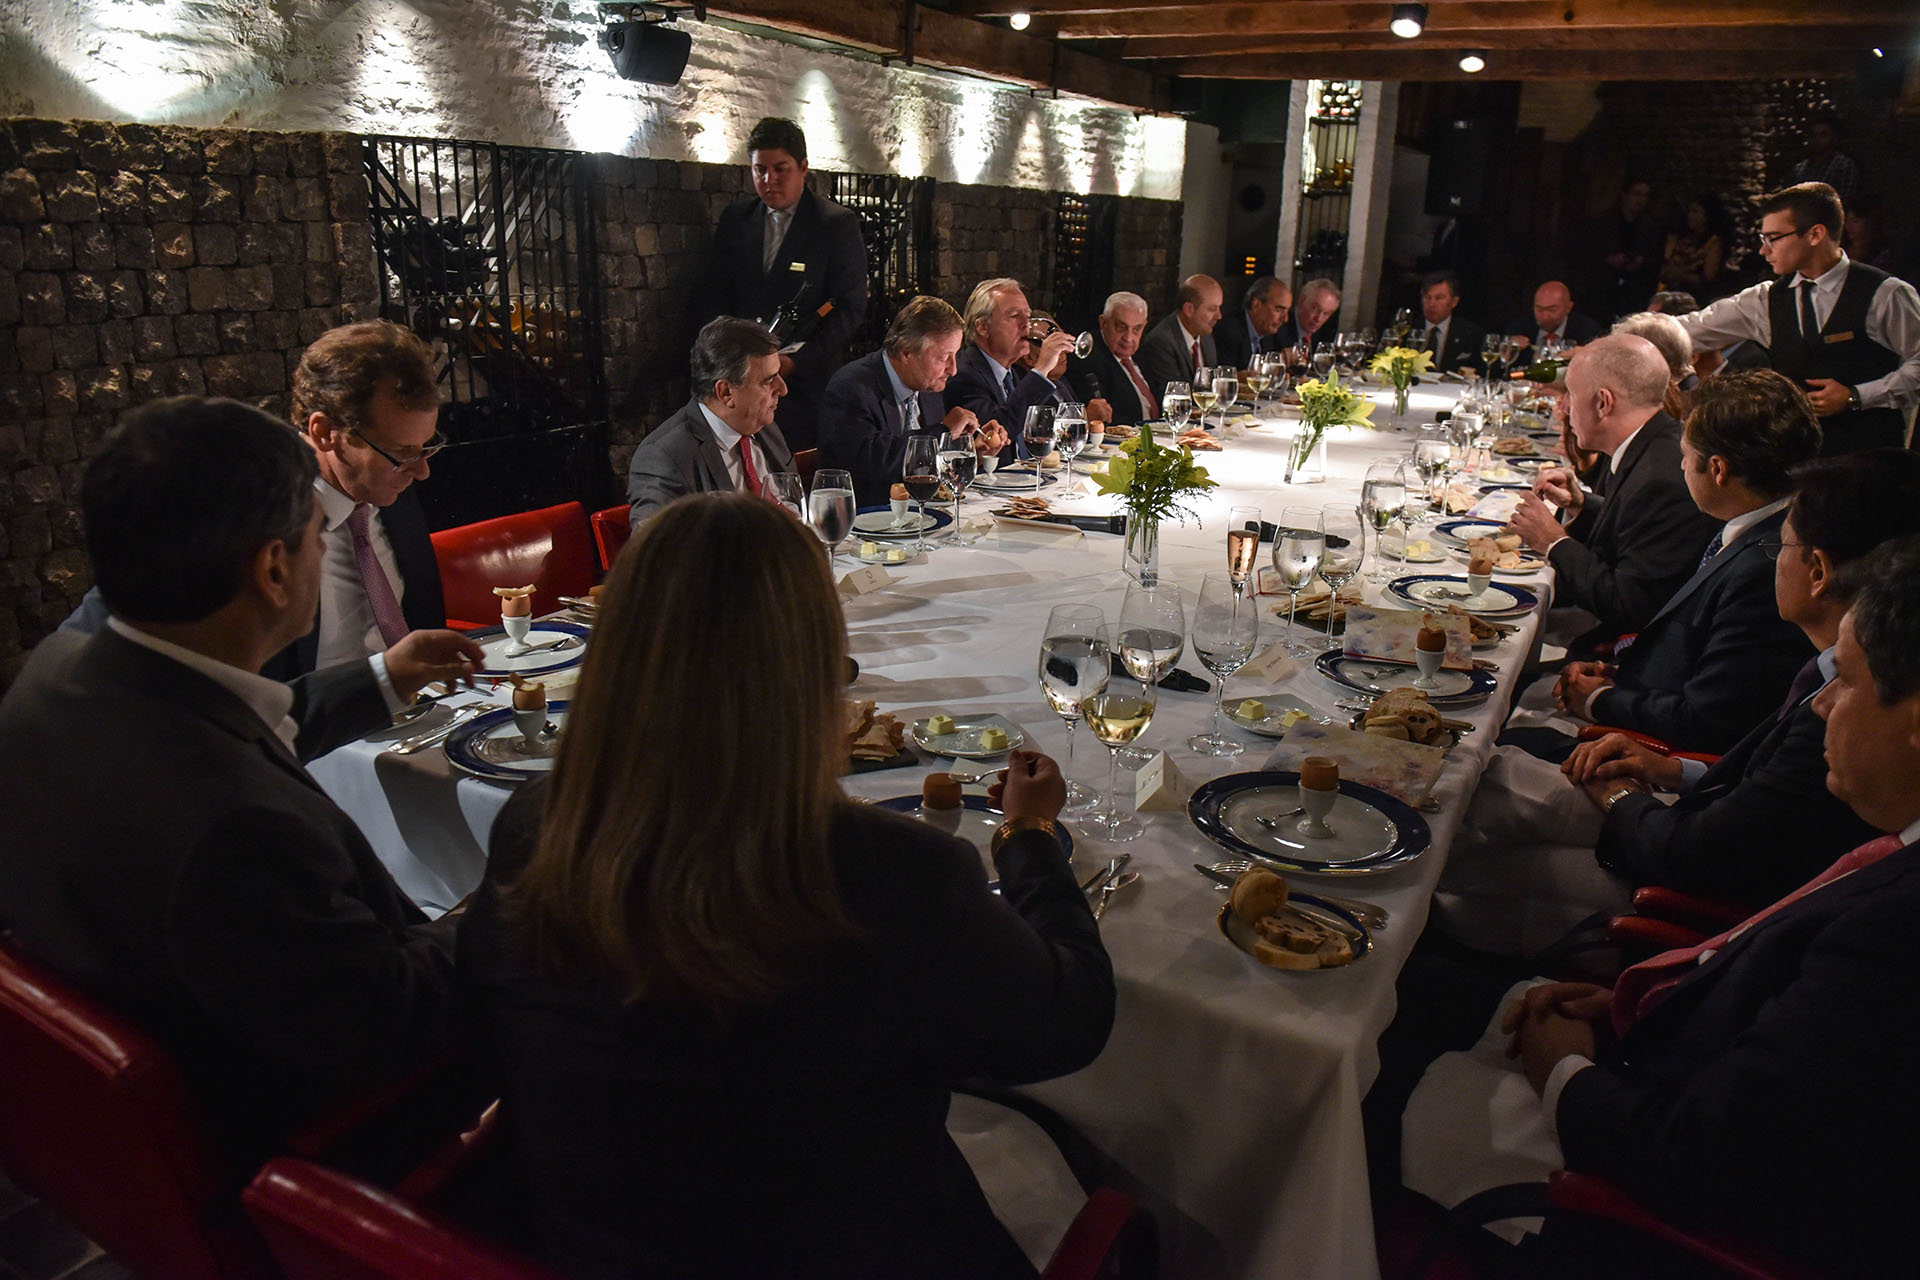 Los invitados disfrutaron de una cena en el prestigioso La Bourgogne en el Alvear Palace Hotel